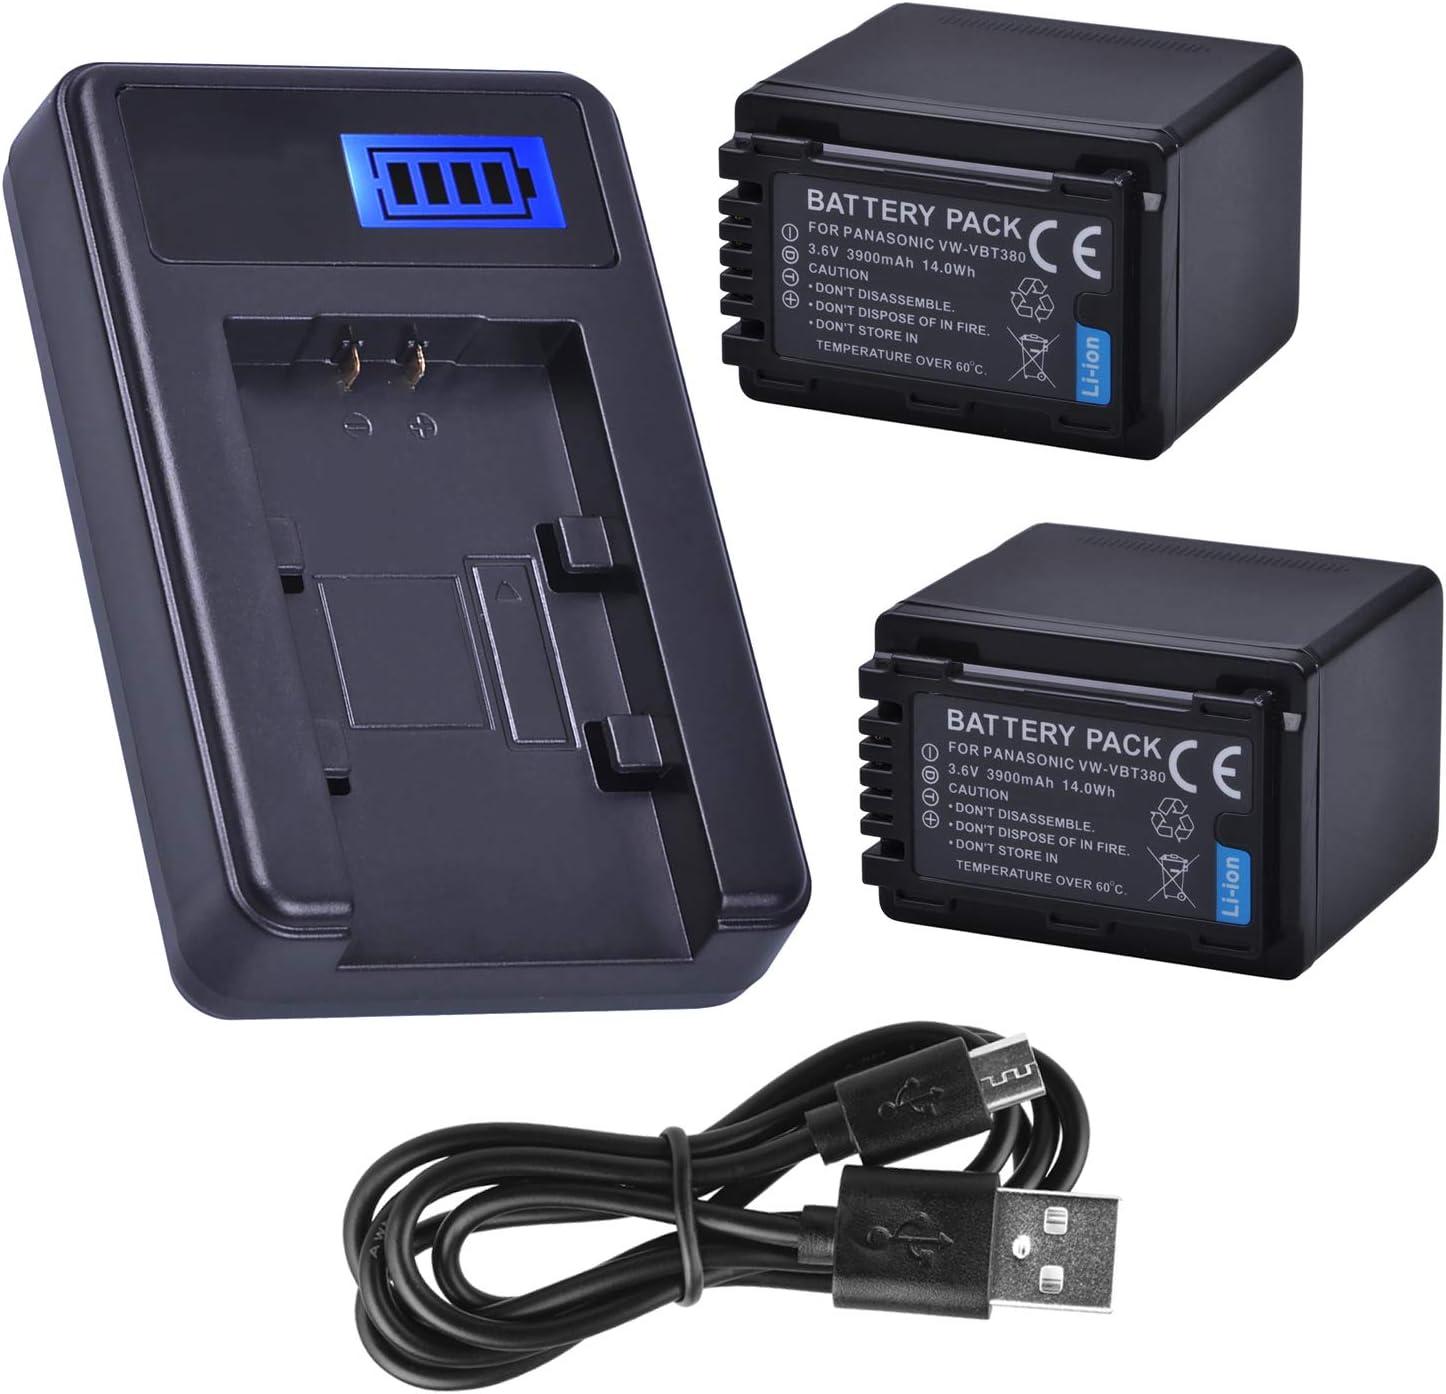 HC-V180EB-K HC-V380EG-K Full HD Camcorder Battery Charger for Panasonic HC-V180EG-K HC-V380EB-K